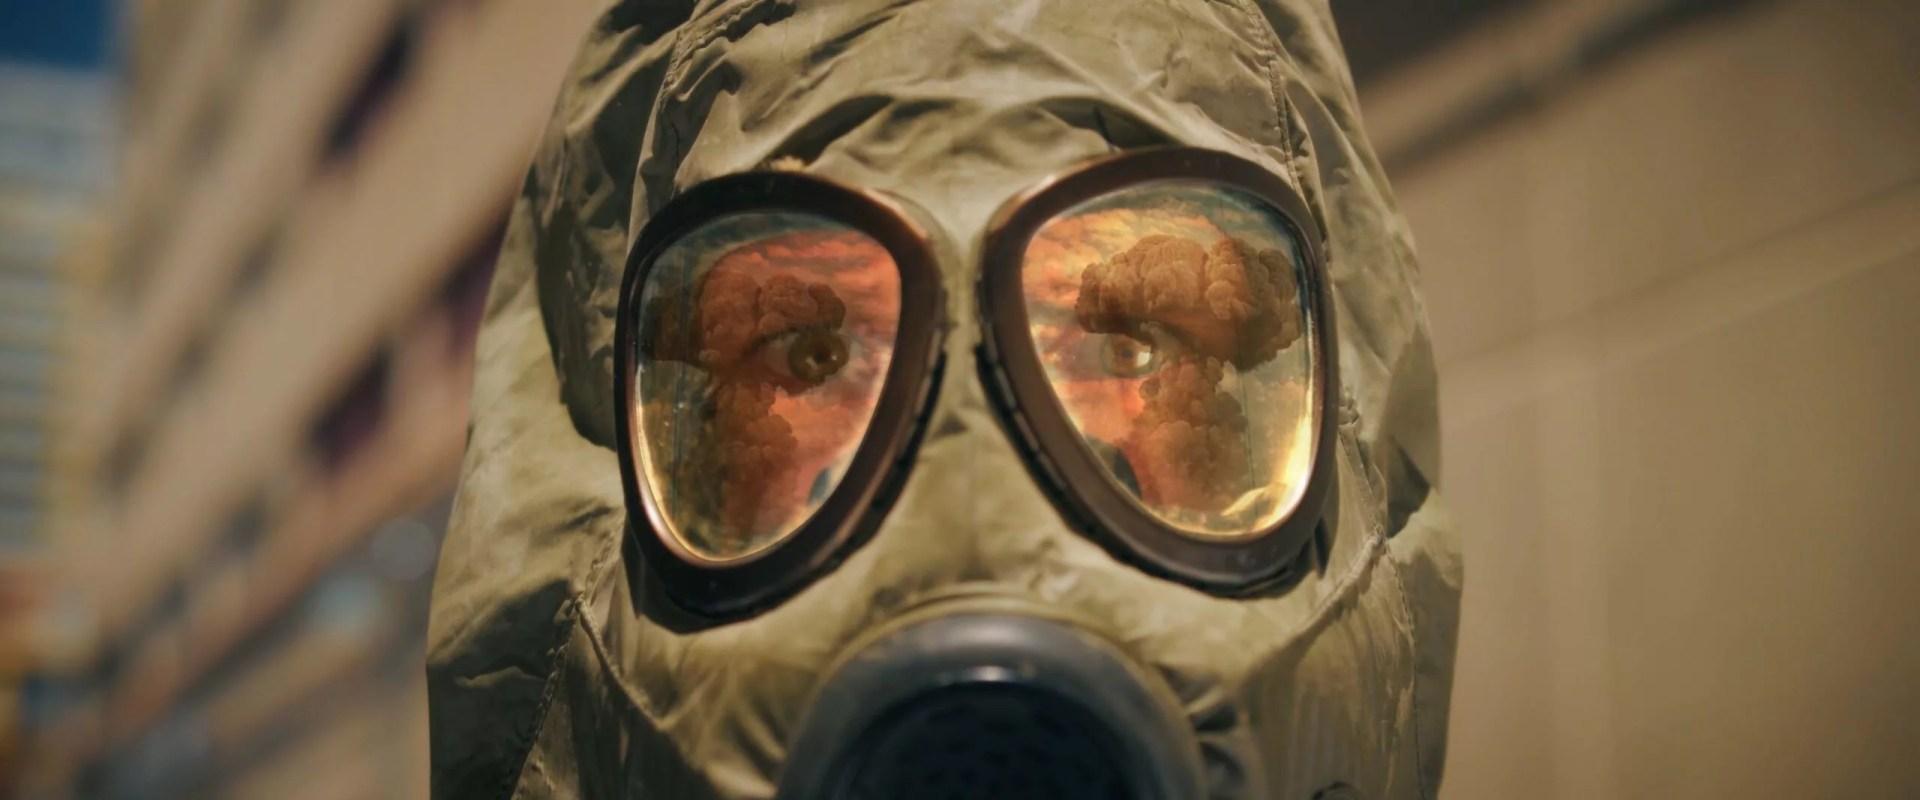 frame grab of man wearing gas mask